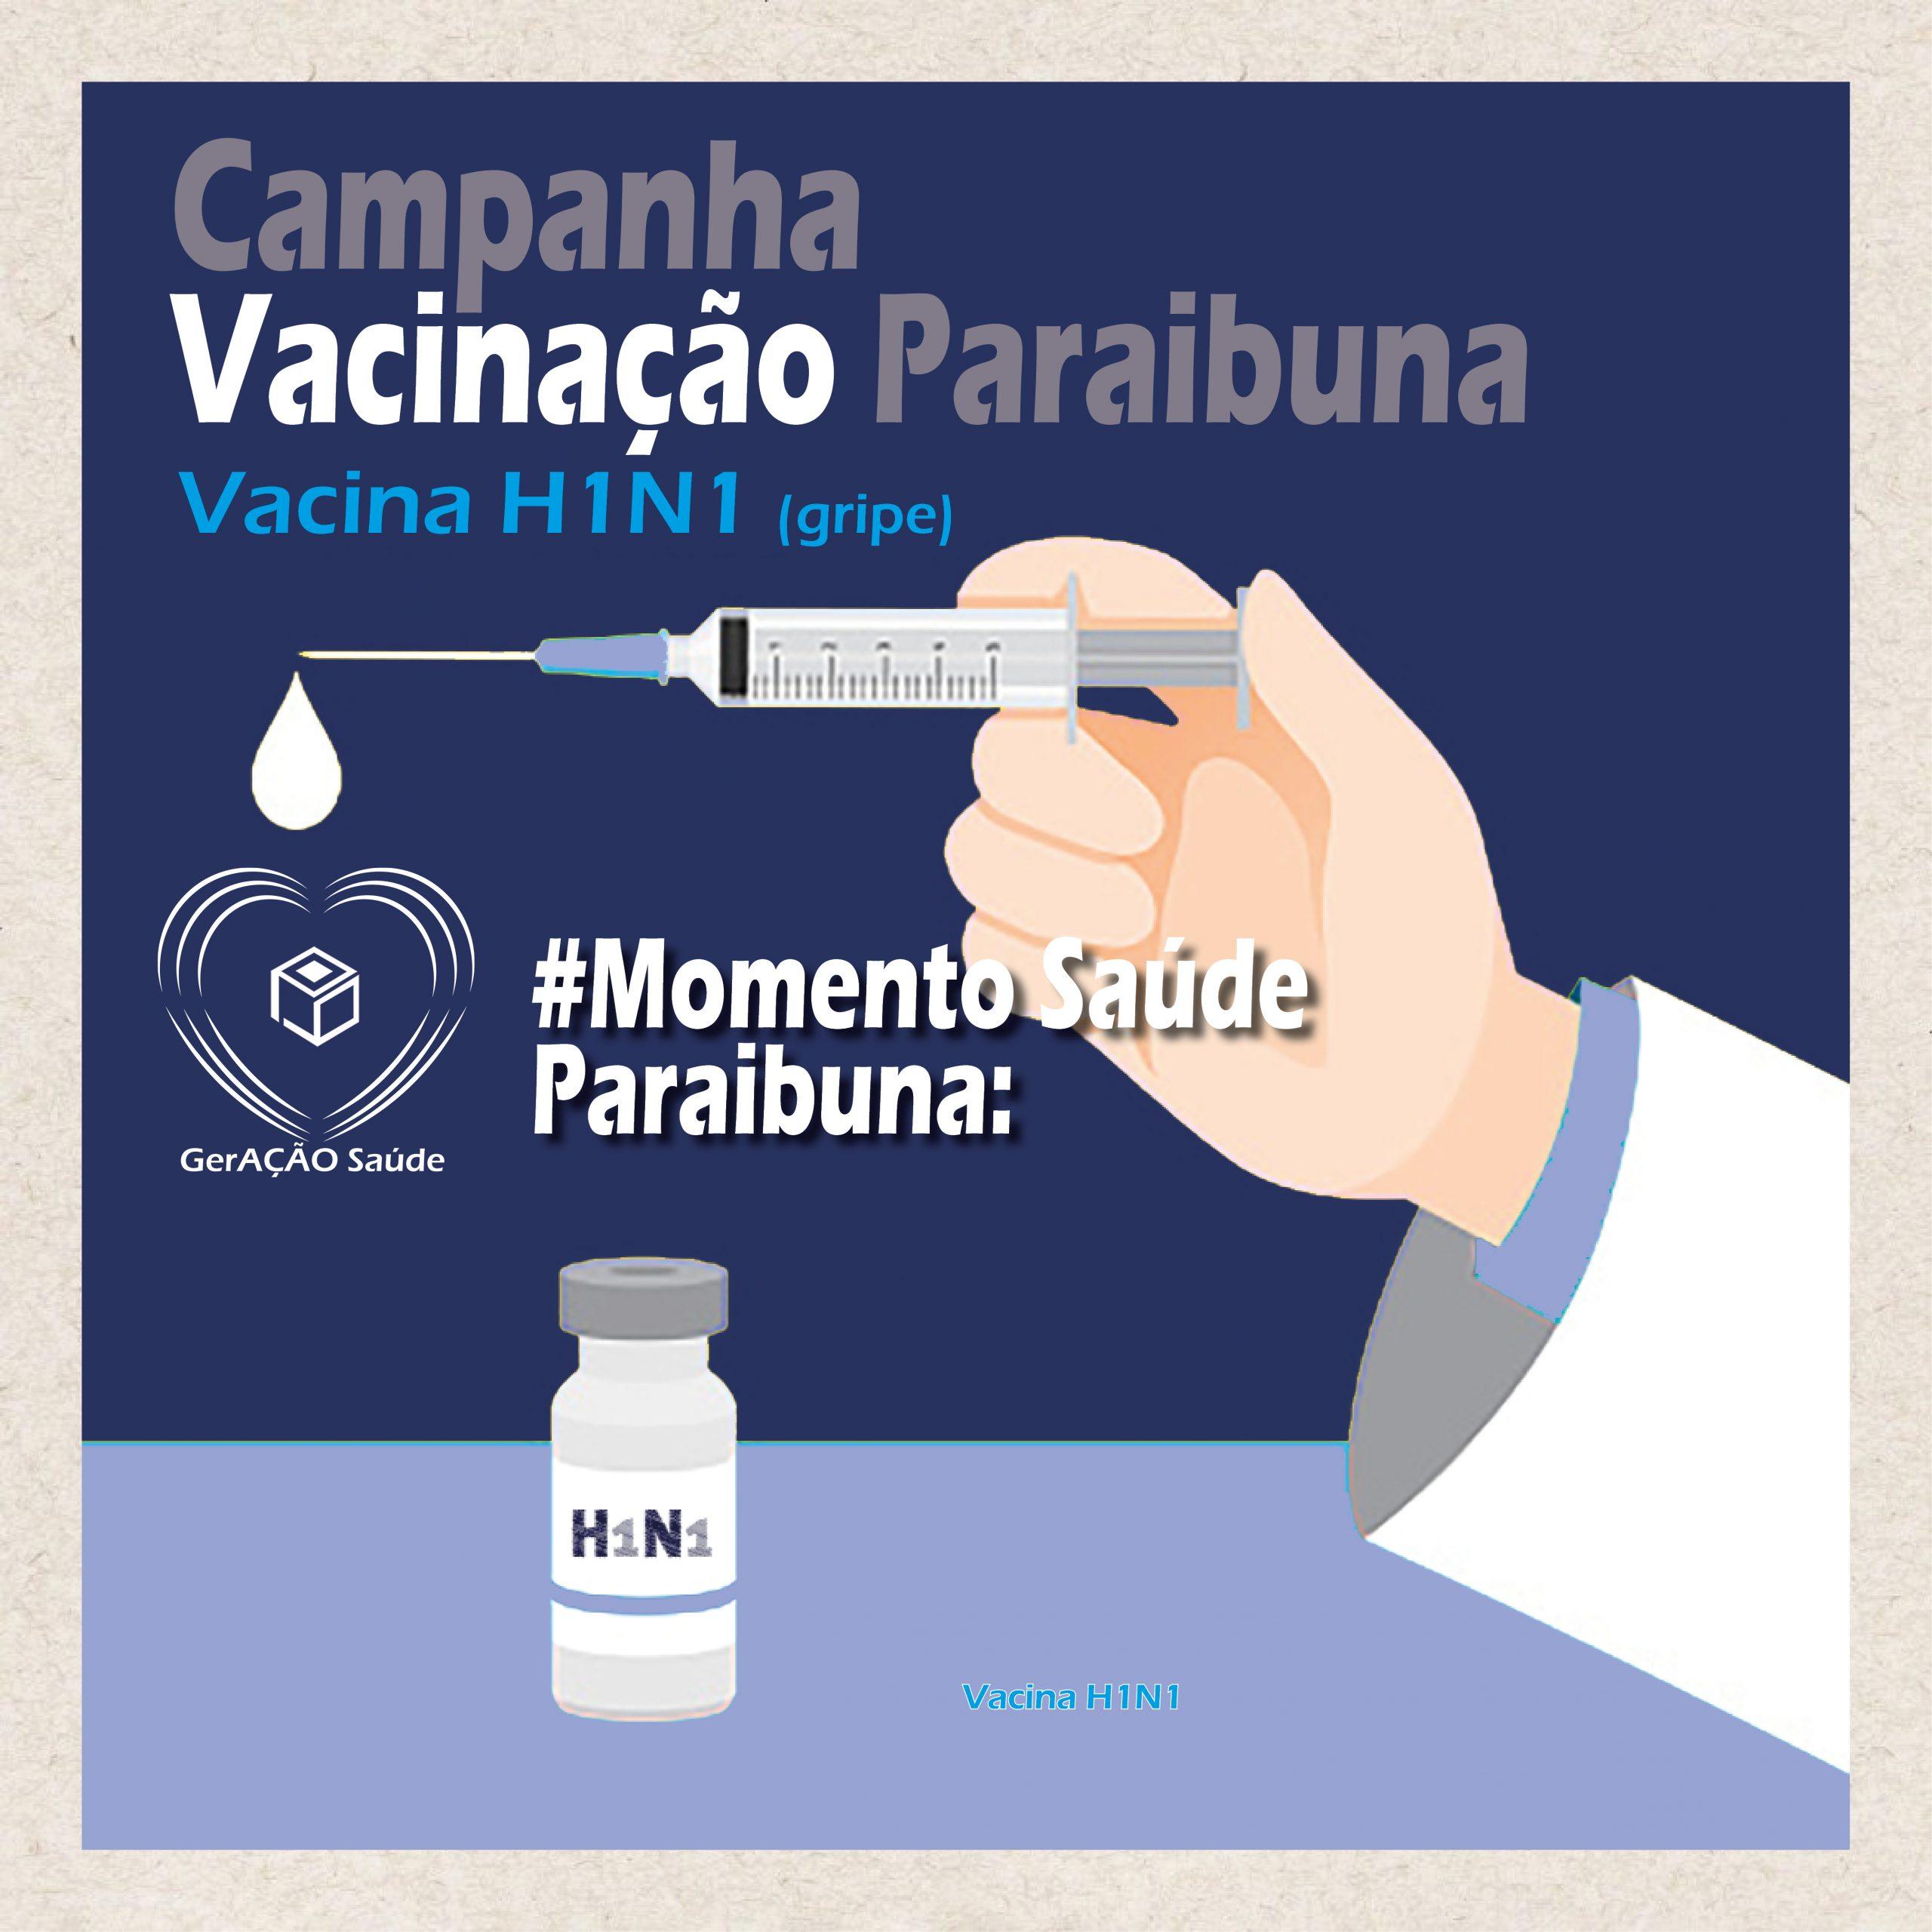 Paraibuna Embalagens faz campanha de vacinação da H1N1